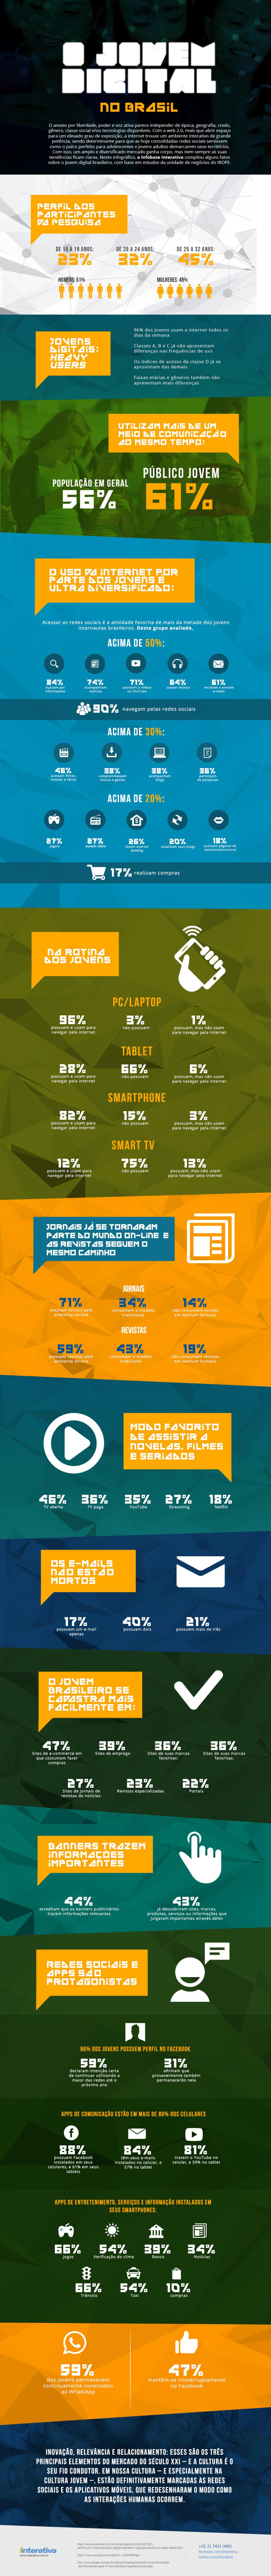 O perfil do jovem digital no Brasil [infográfico]